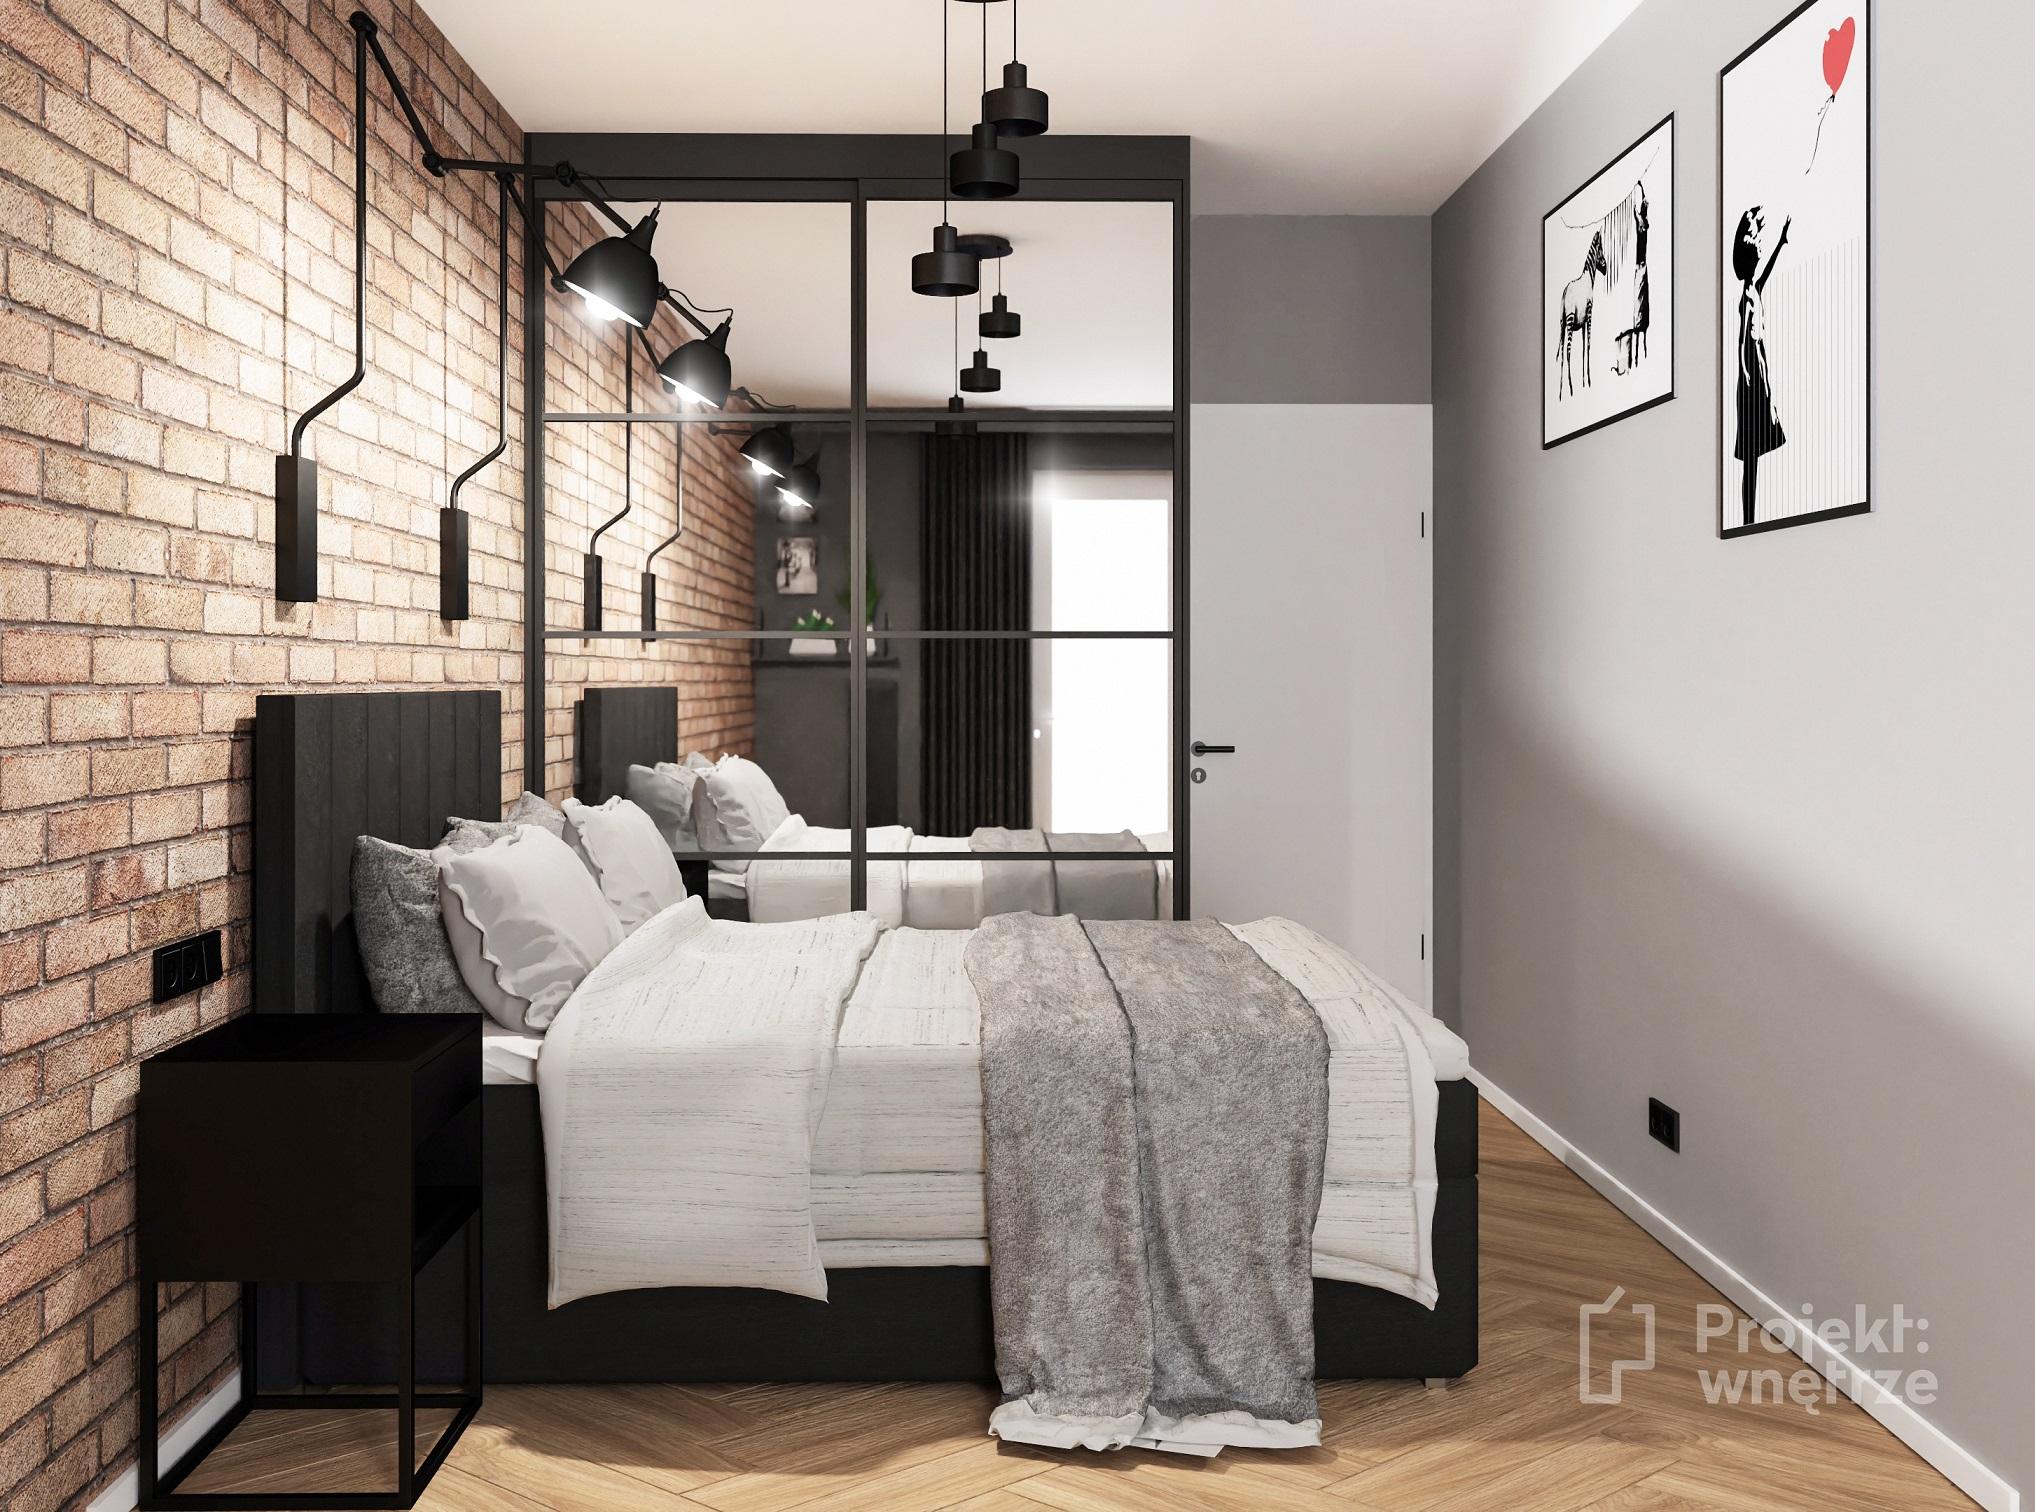 Projekt wnętrze sypialnia w stylu loft cegła czarna szafa ze szprosami customform ikea wikhammer - projektowanie wnętrz Warszawa online (4)